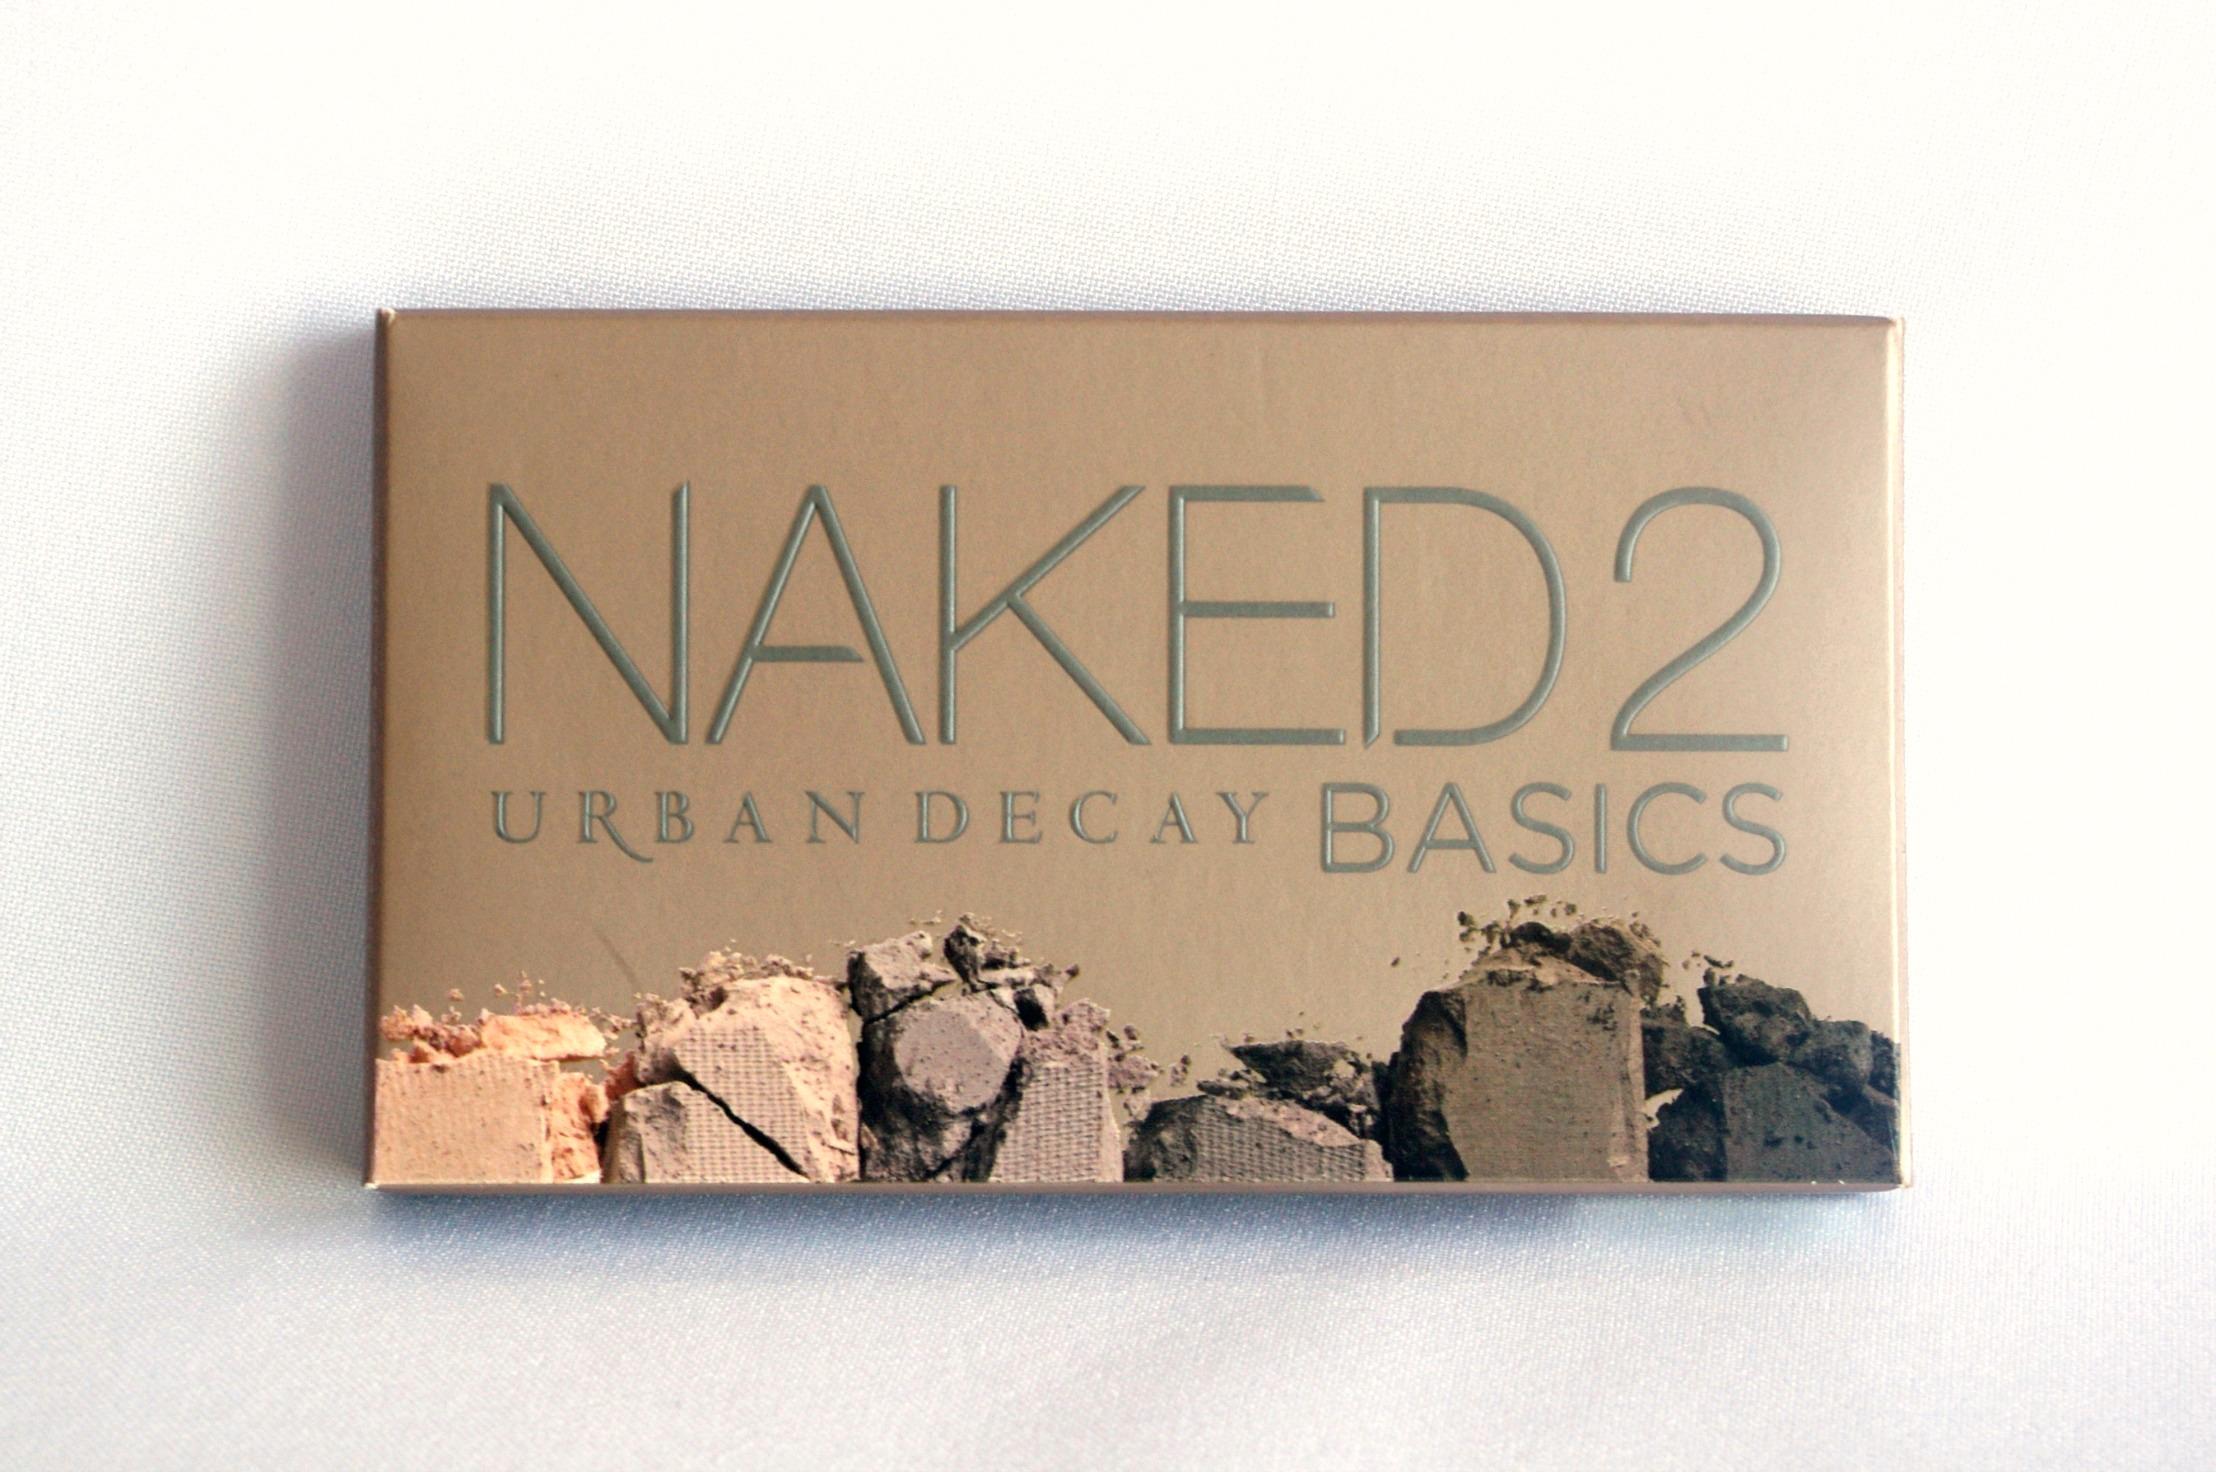 naked_basics_2_1